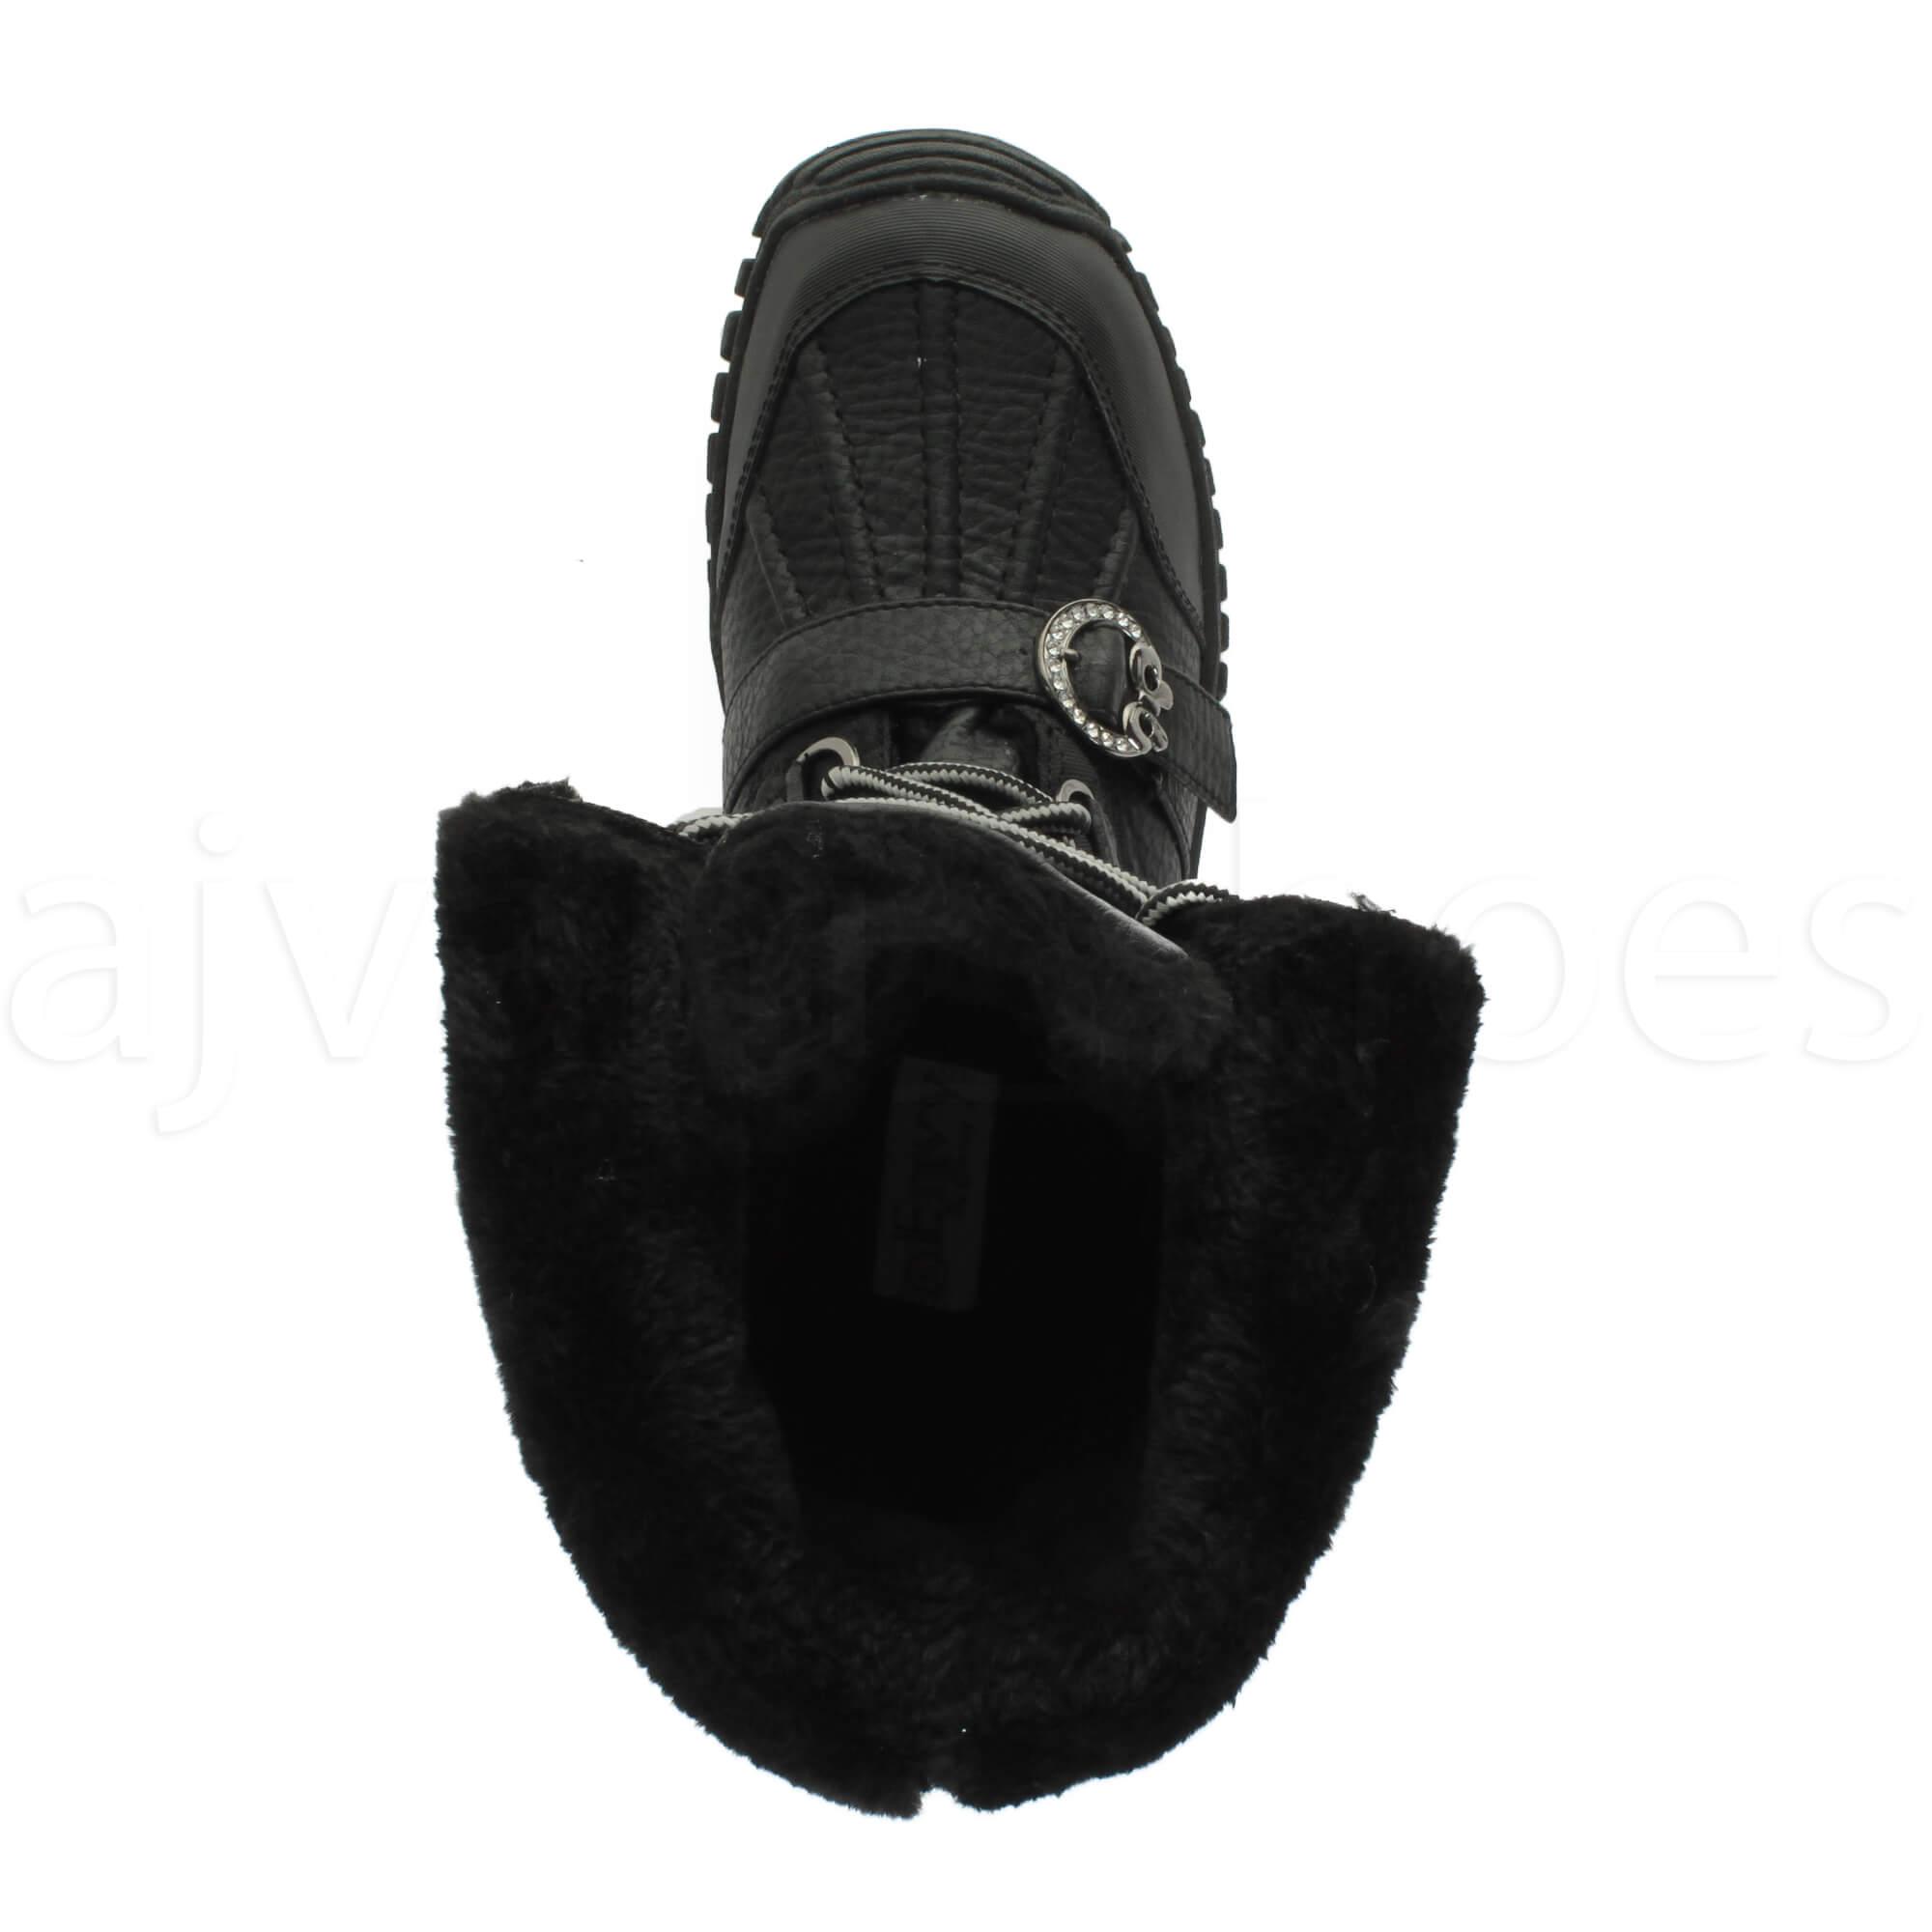 Mujer-tacon-bajo-nieve-invierno-con-cordones-botas-medios-de-cana-botines-talla